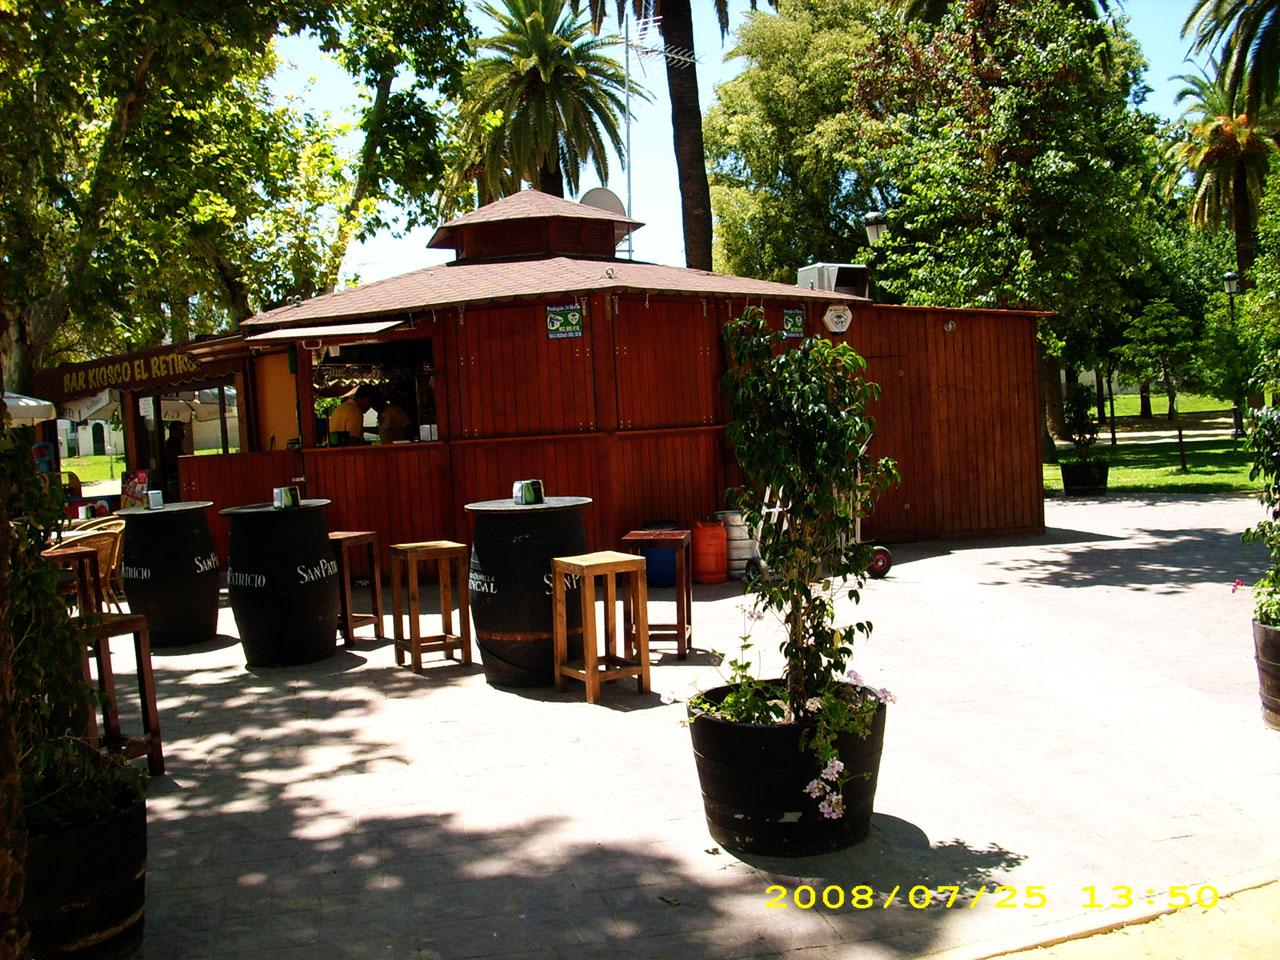 K2Ingenieros Ingeniería (Hostelería) - Quiosco Parque del Retiro